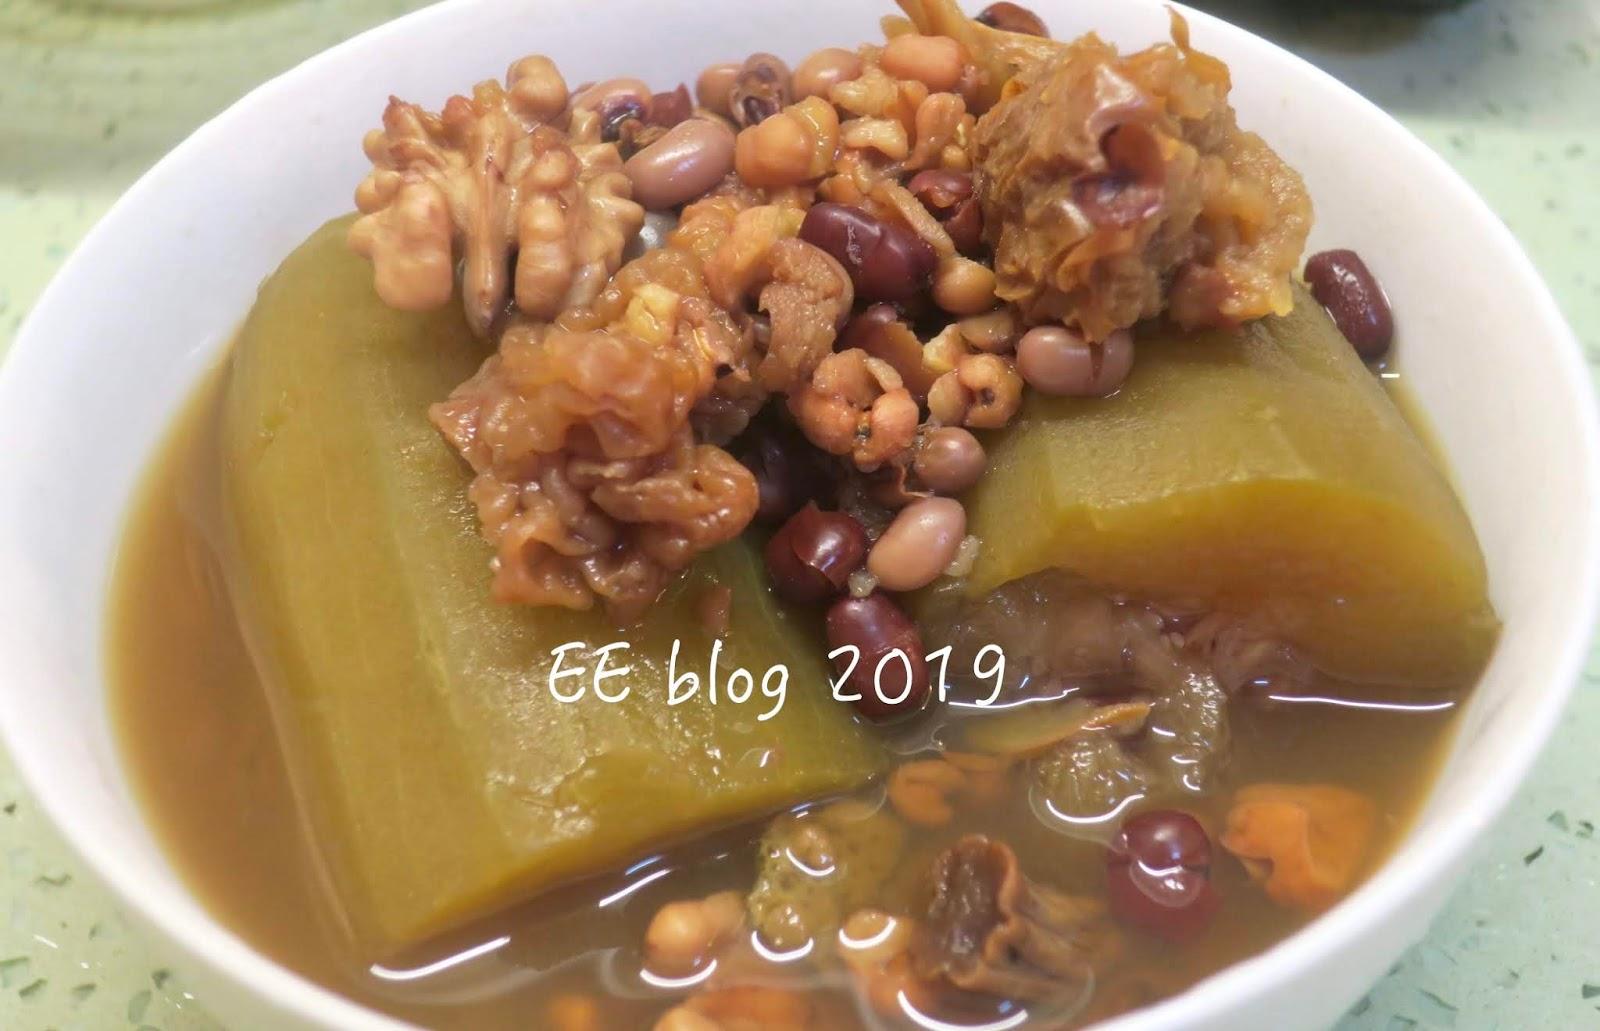 EE Blog: 黃耳合桃雜豆節瓜素湯